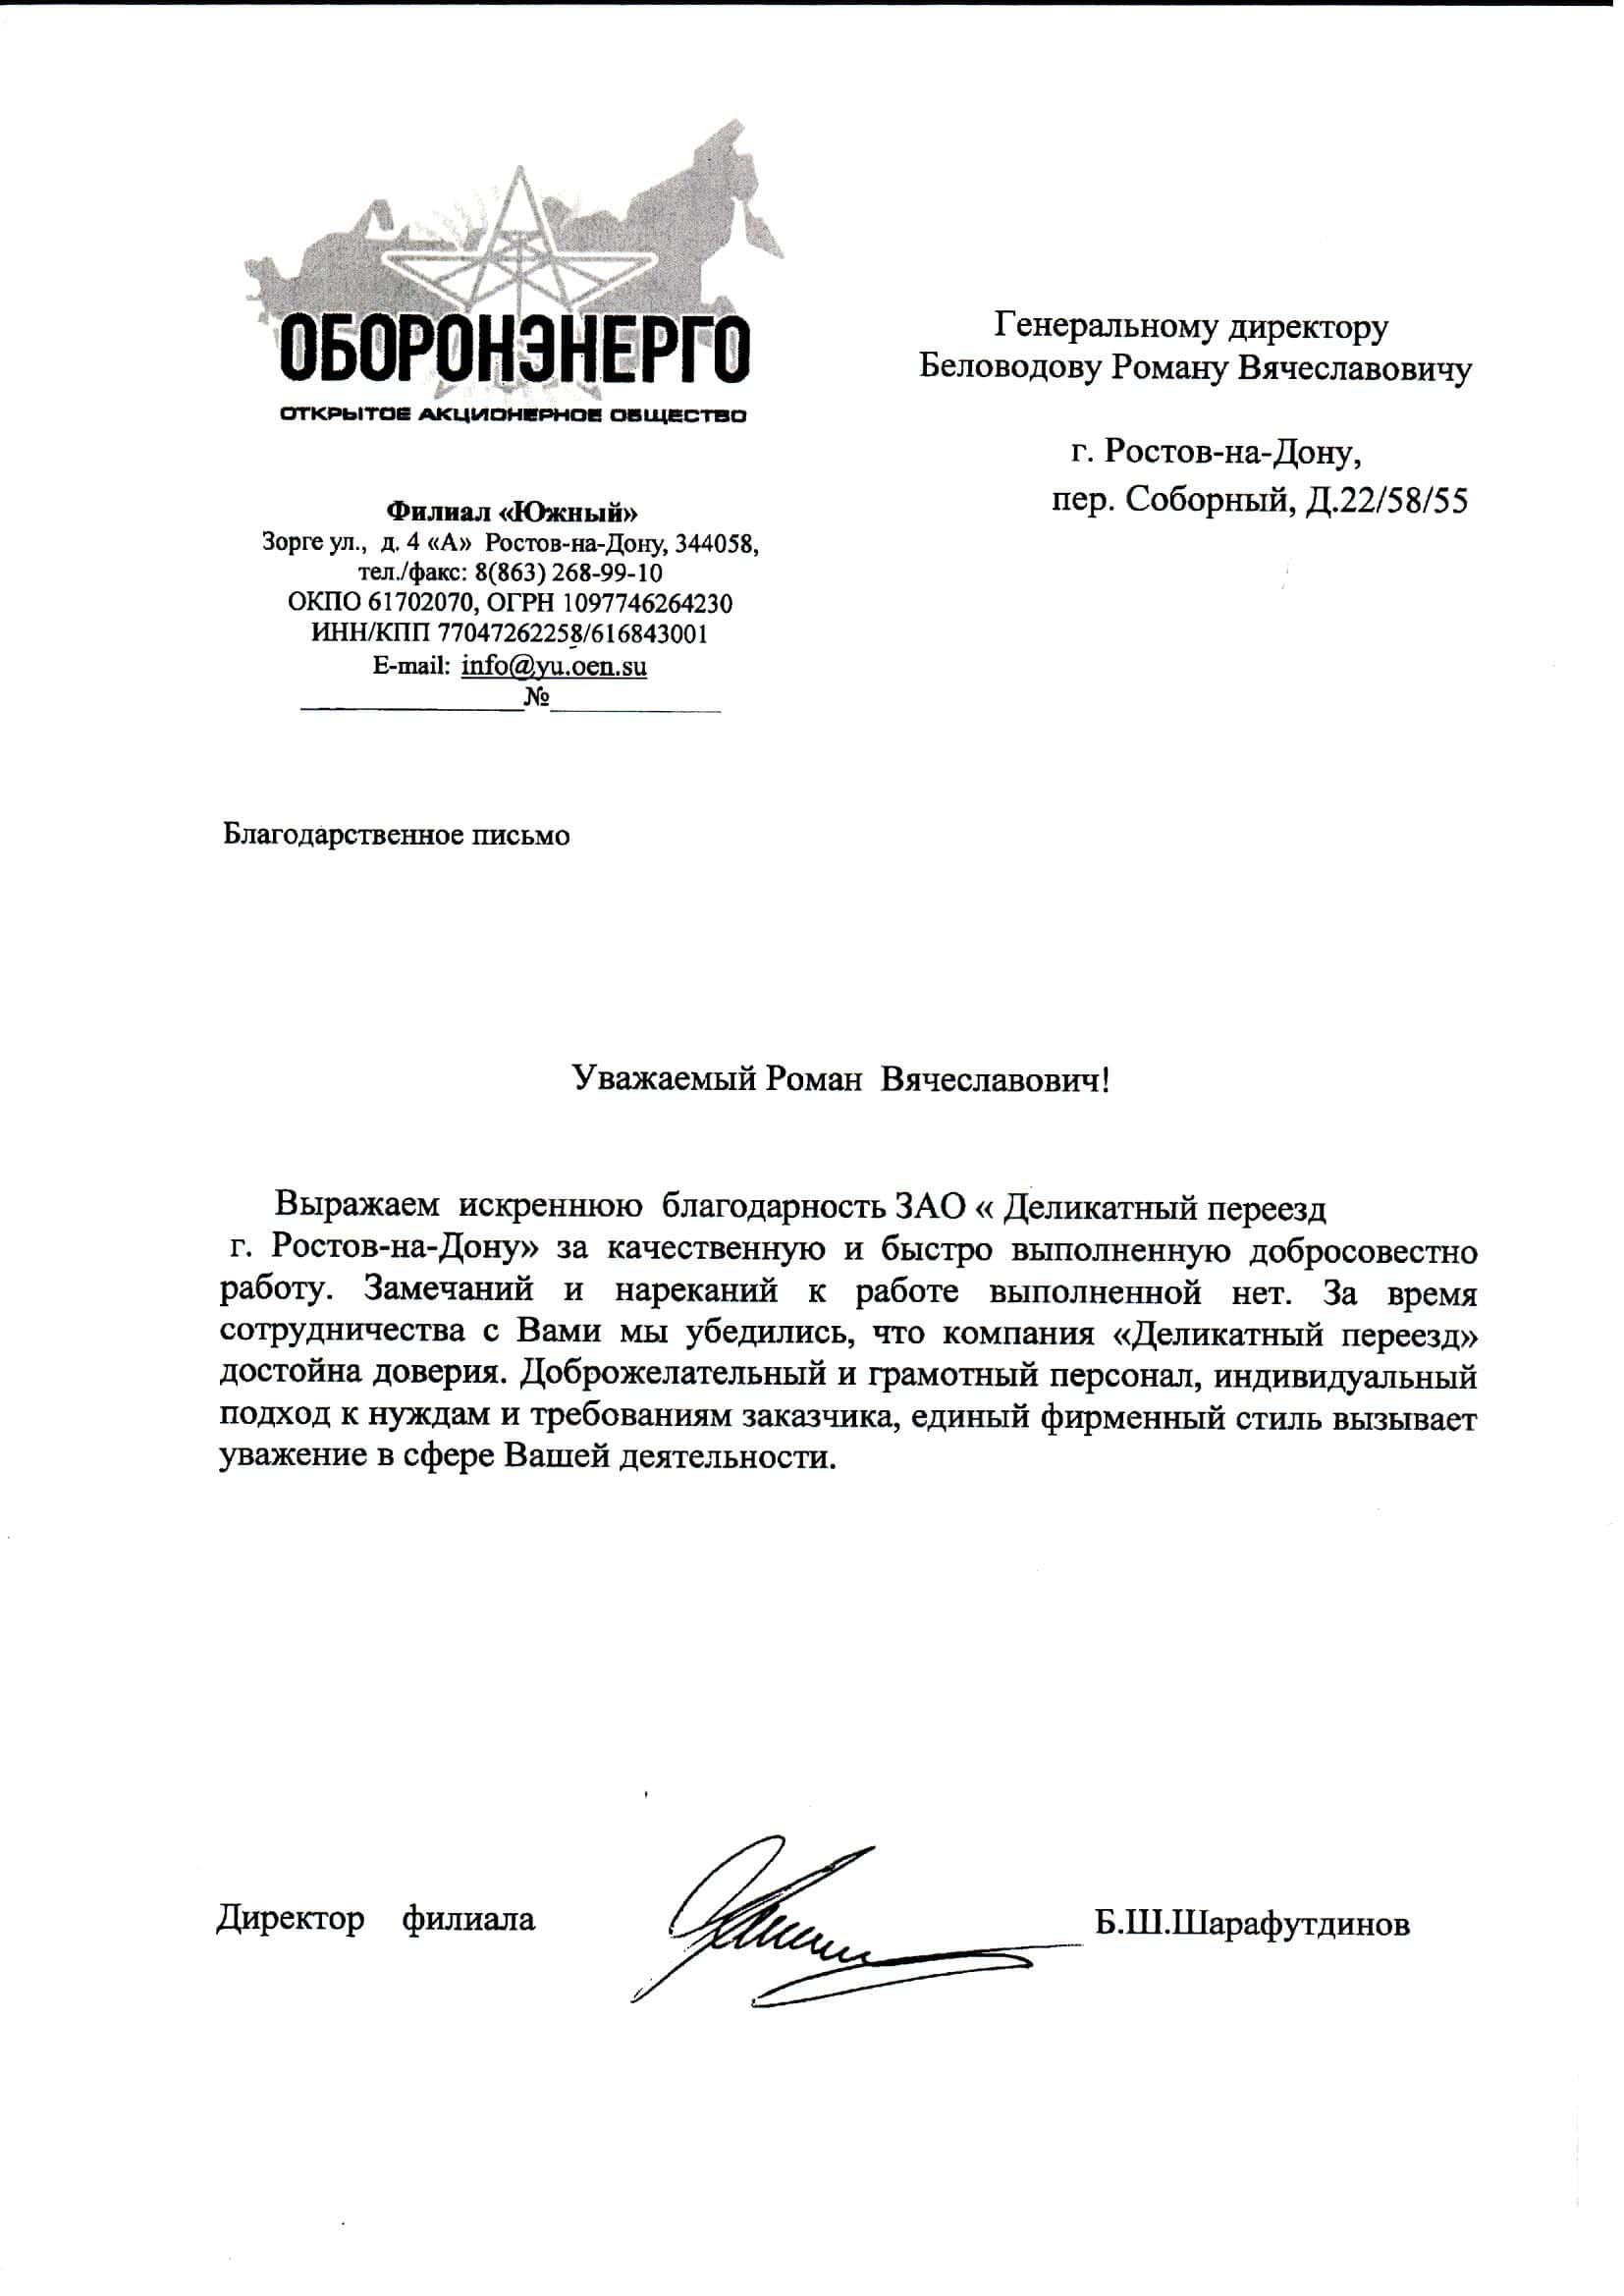 Благодарственное письмо от ОАО «Оборонэнерго»